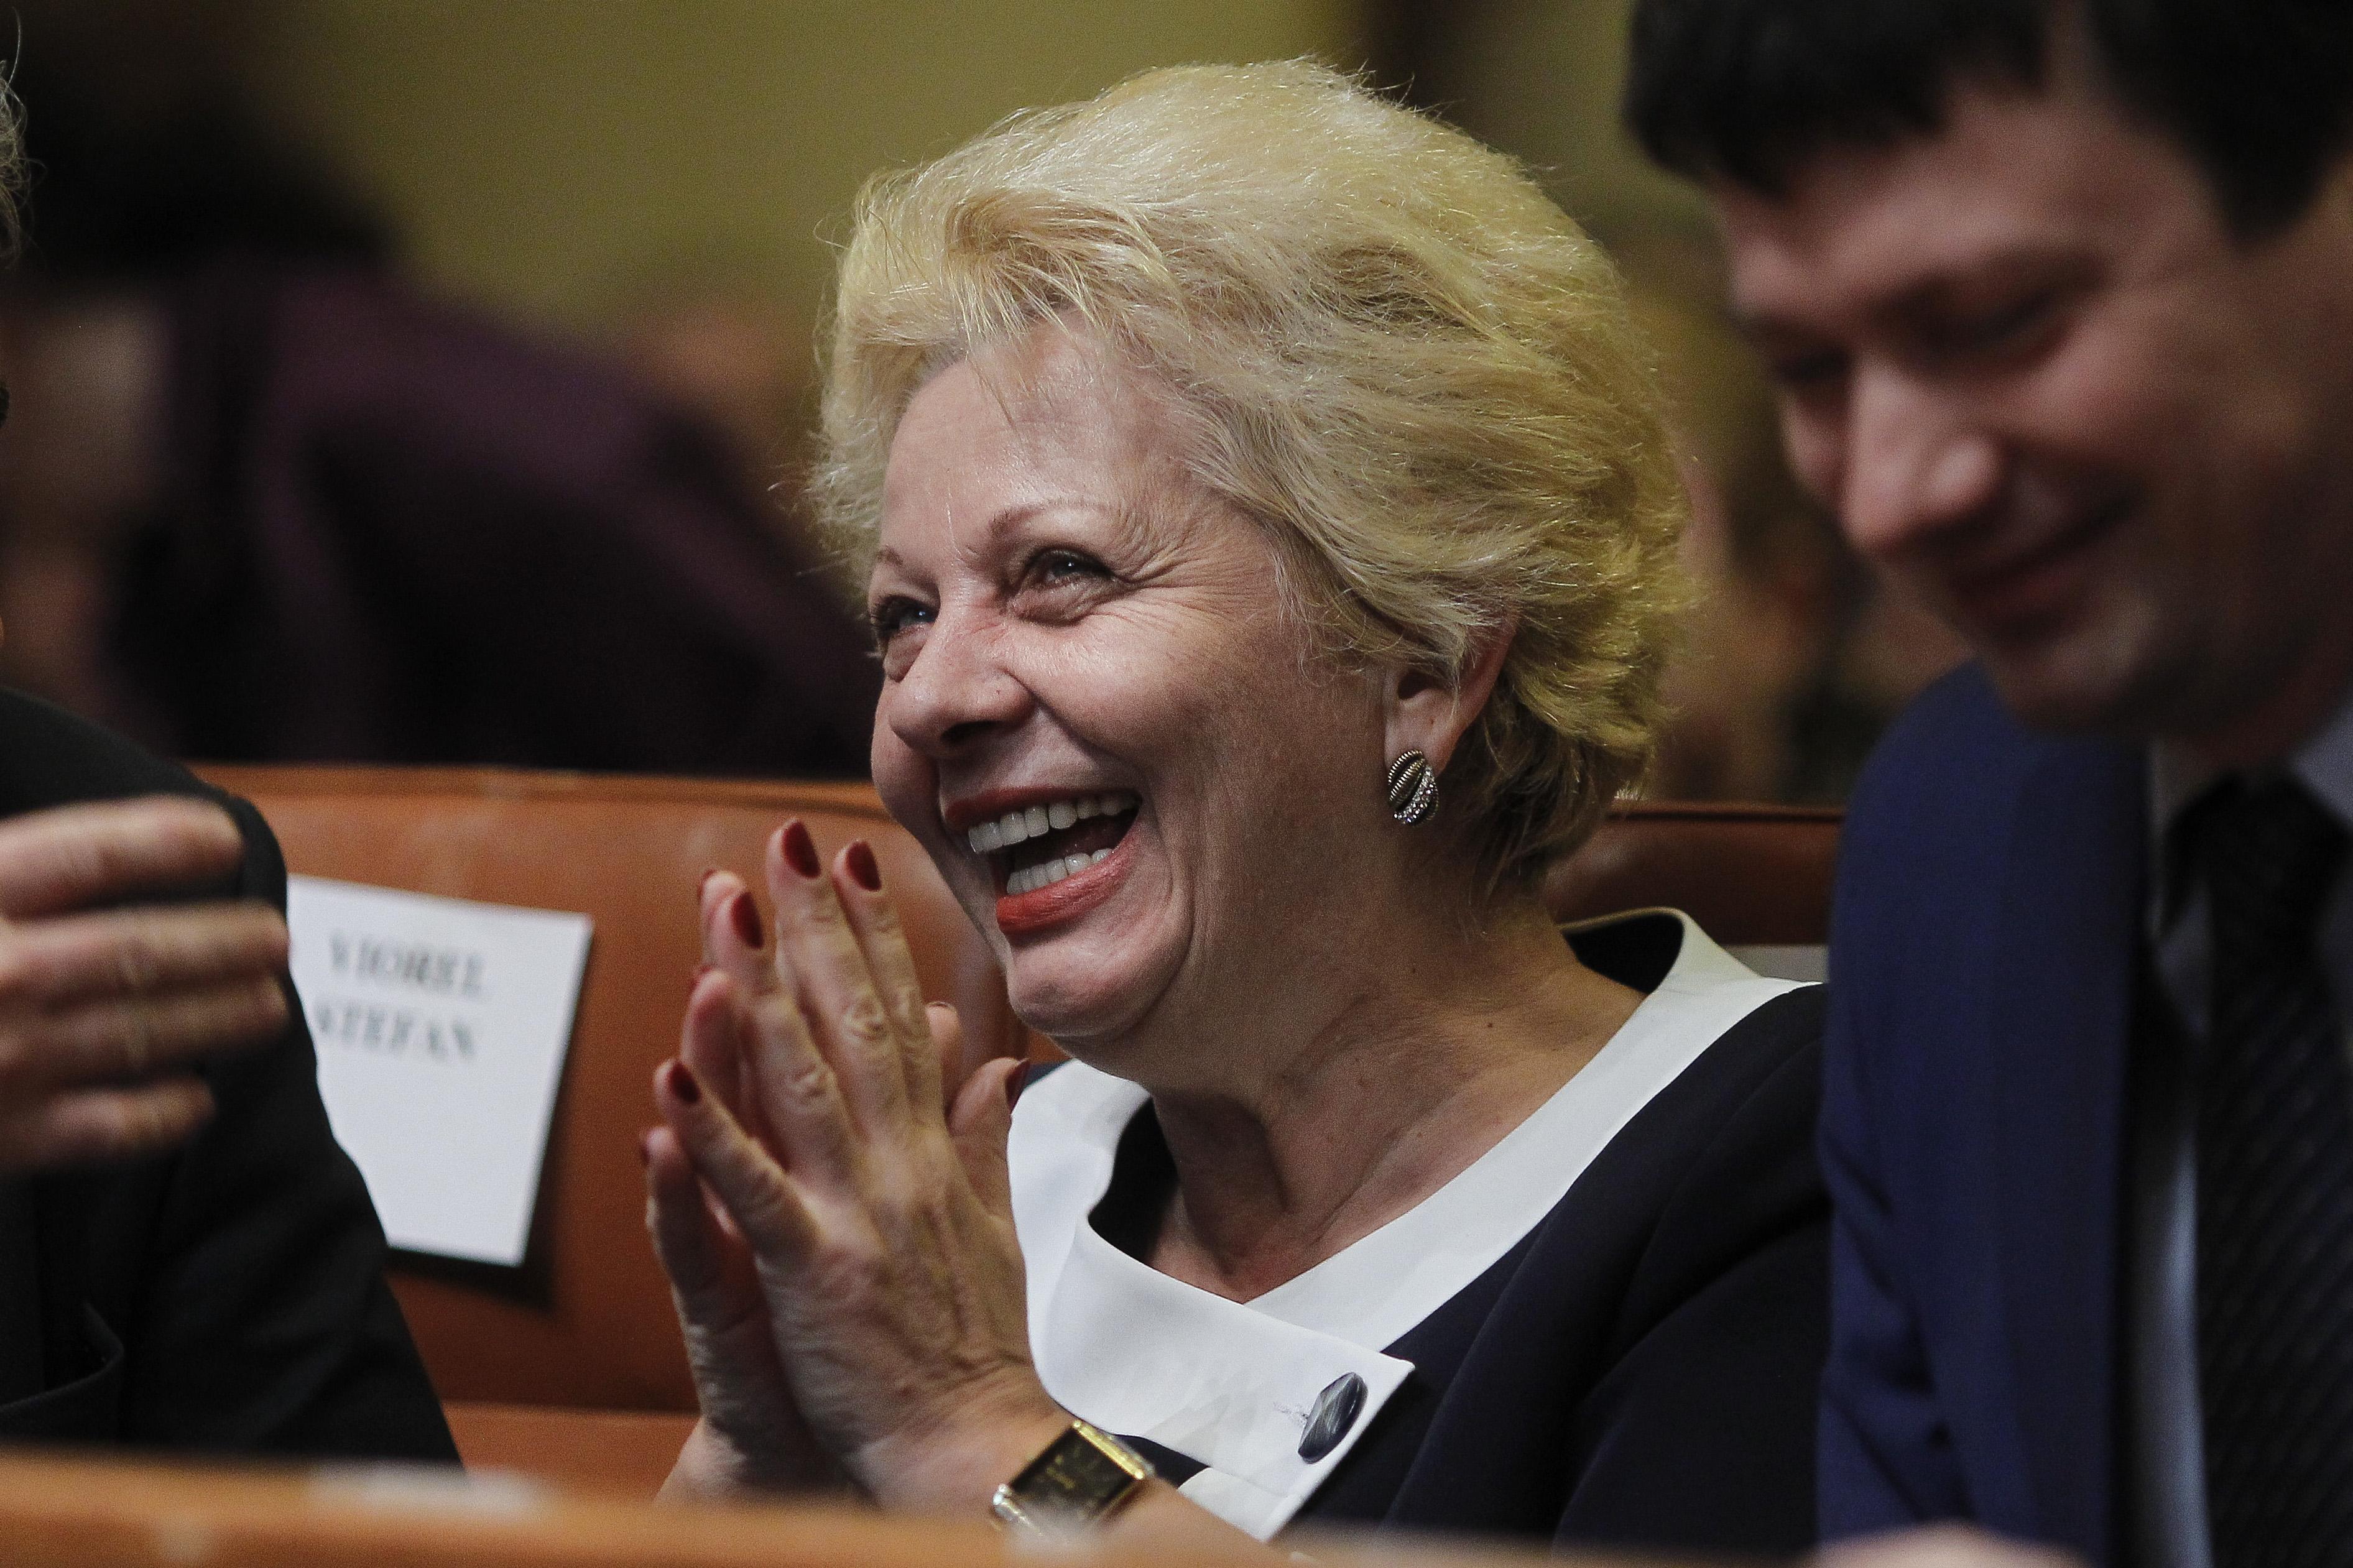 DIICOT deschide o anchetă, după ce Doina Pană a reclamat că fost otrăvită cu mercur